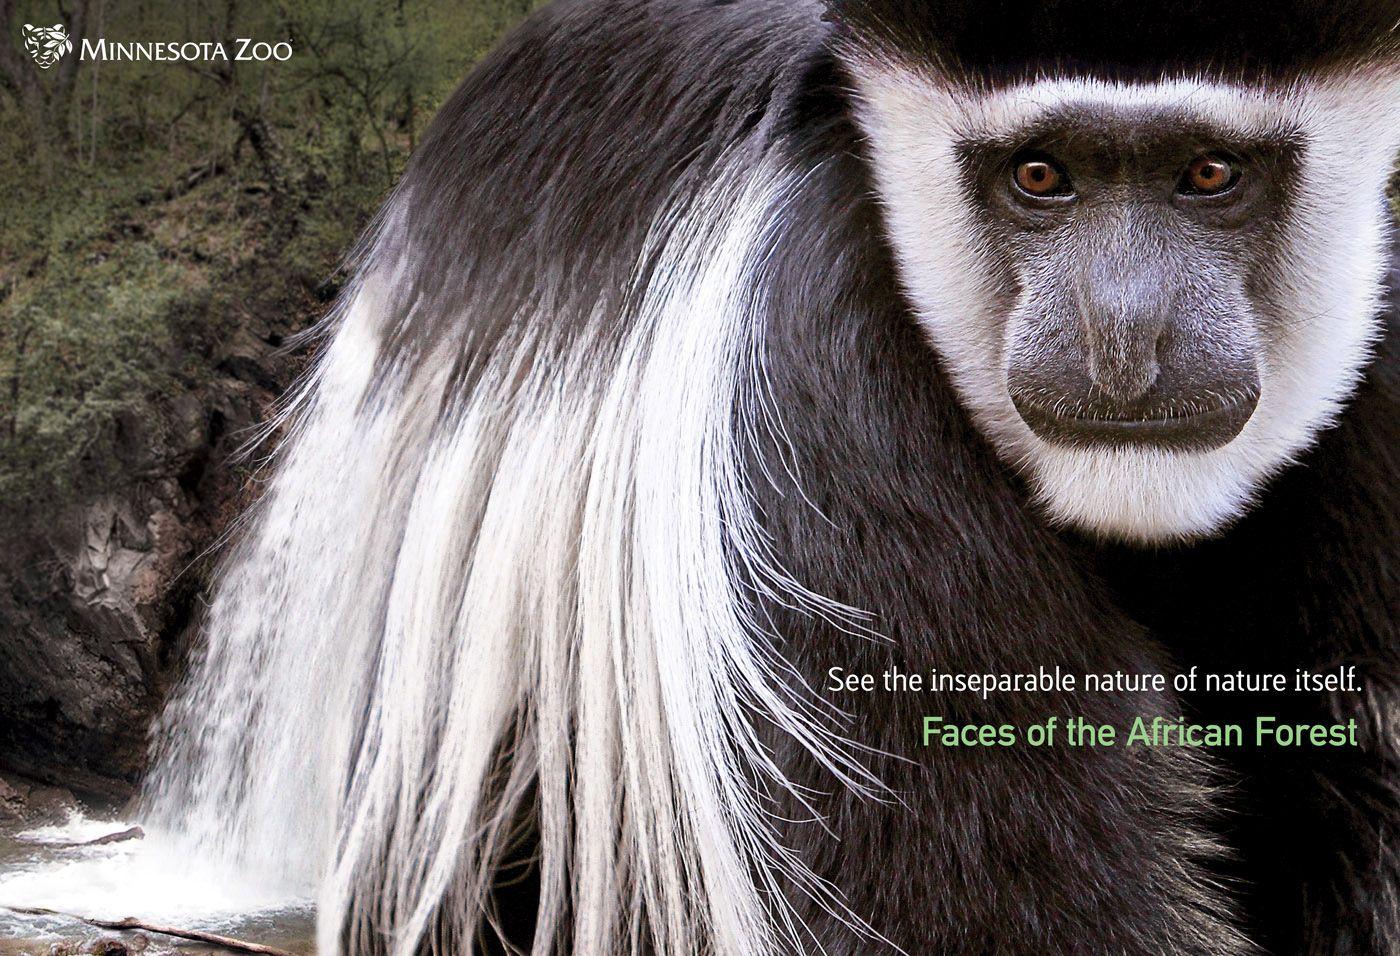 Рекламная кампания зоопарка штата Миннесота Advertising